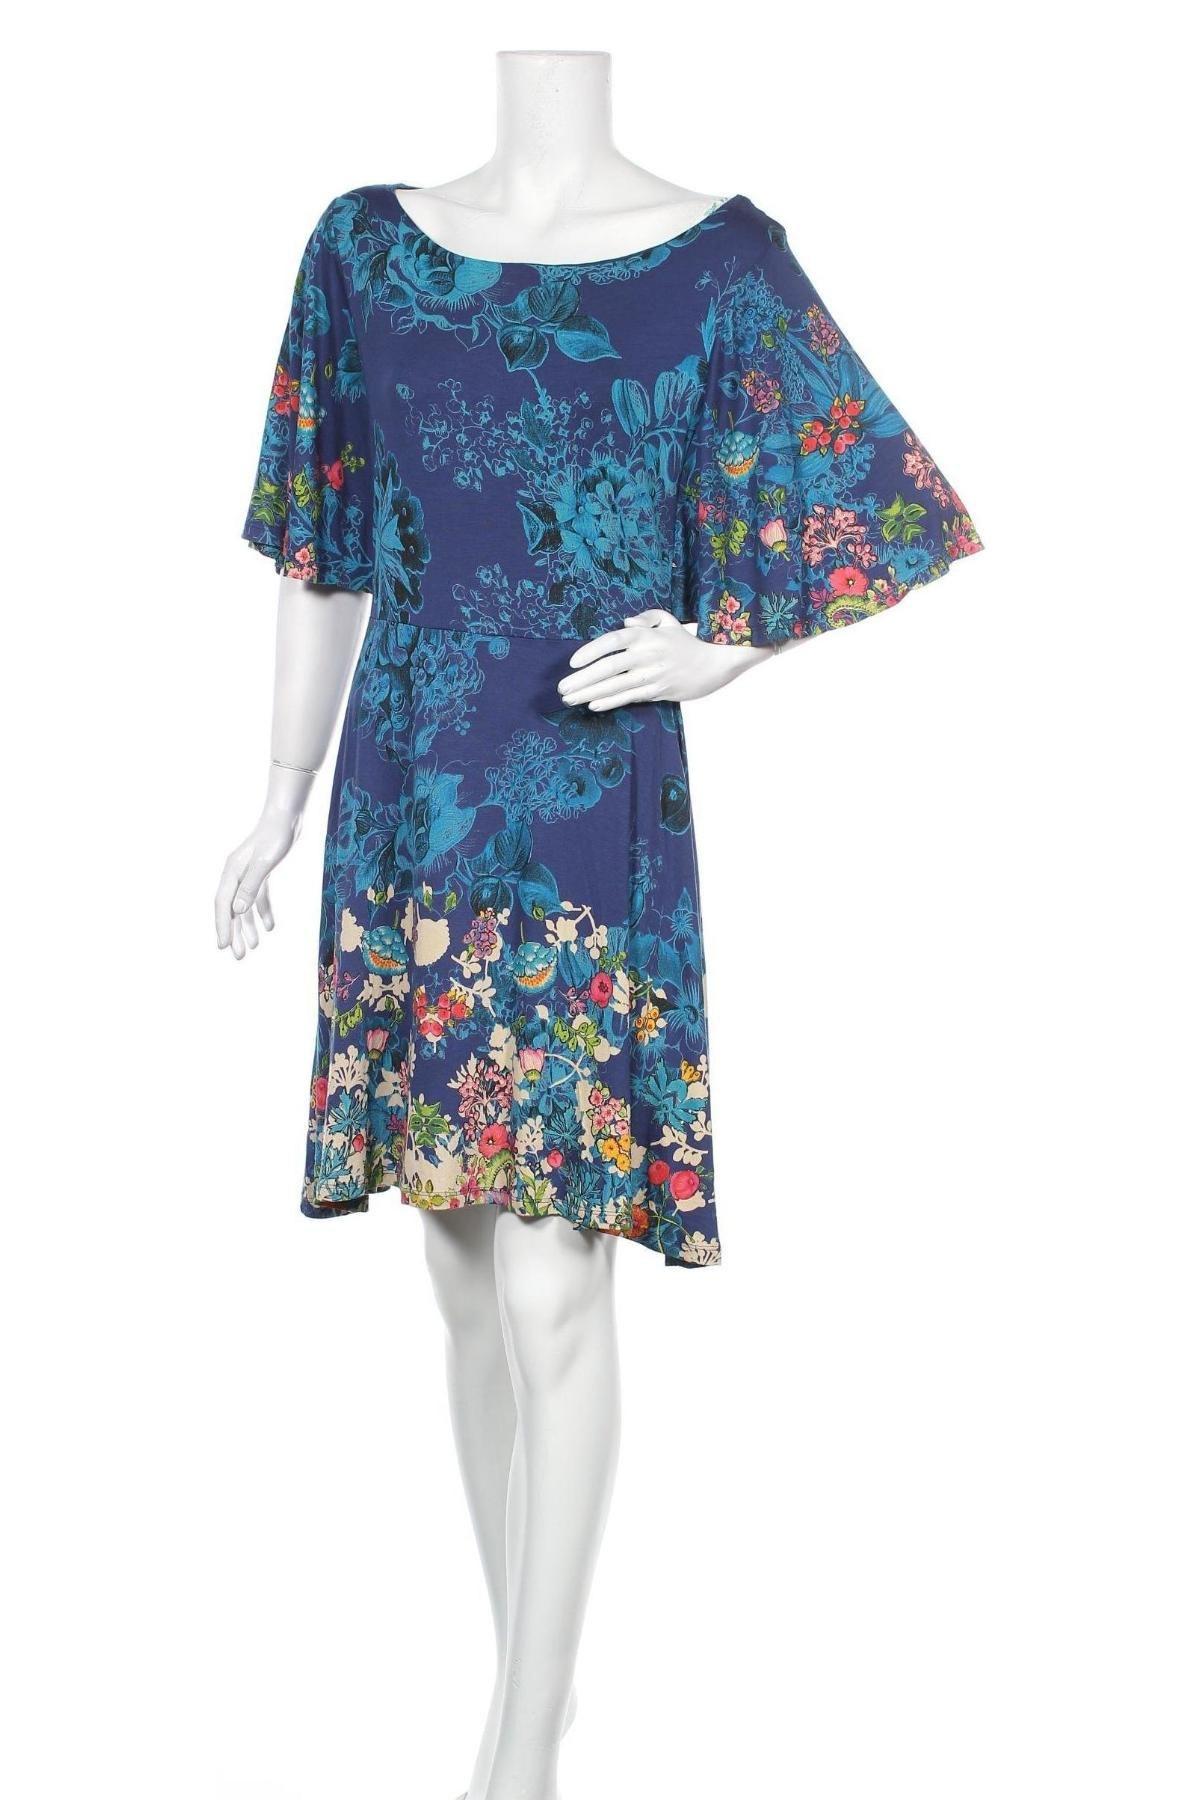 Φόρεμα Desigual, Μέγεθος M, Χρώμα Μπλέ, 95% βισκόζη, 5% ελαστάνη, Τιμή 66,49€